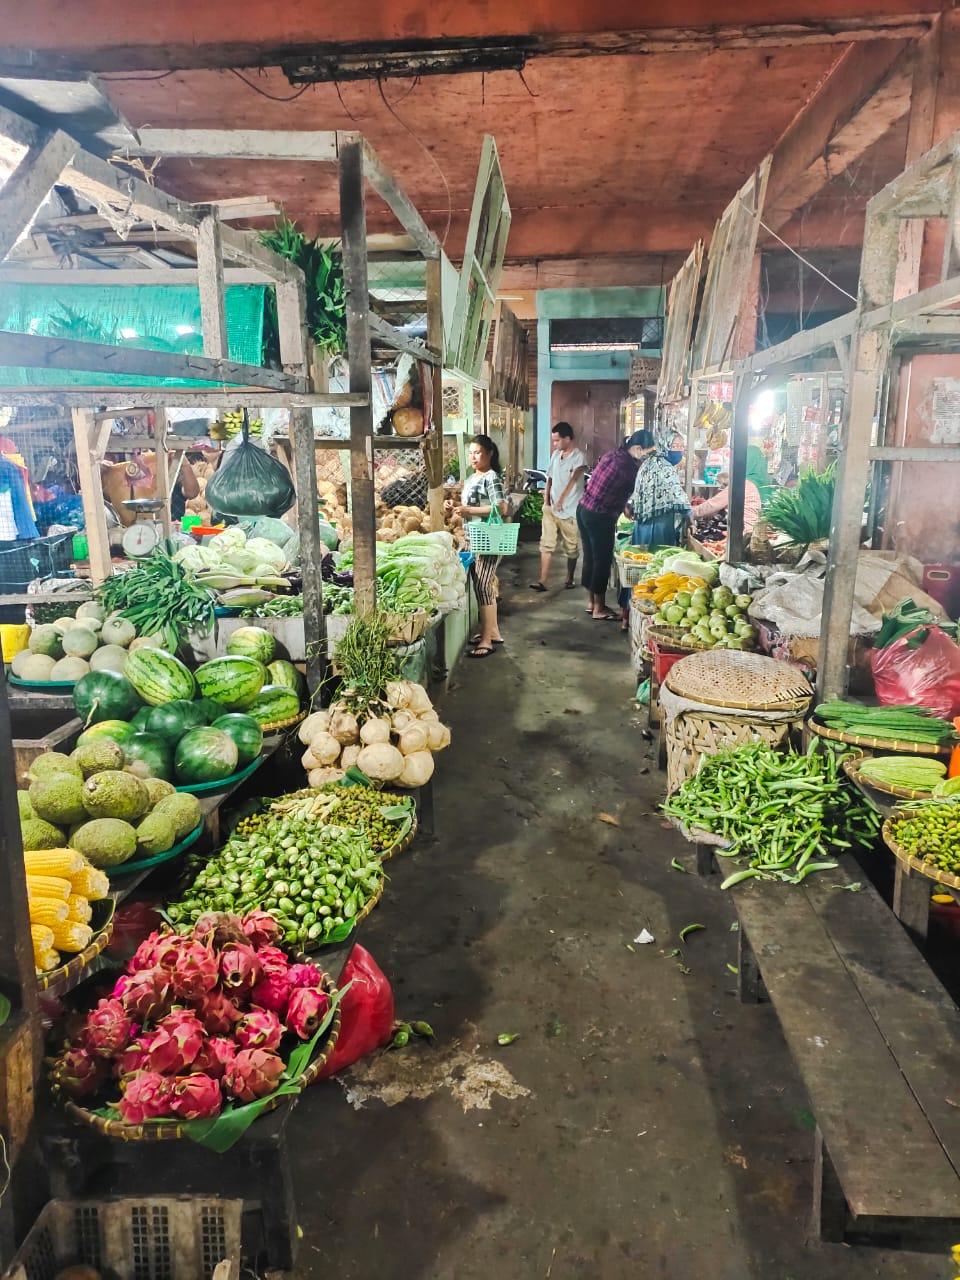 Carut Marut, Pasar Tradisional Losd Jahe Jahe Berastagi Terancam Gulung Tikar